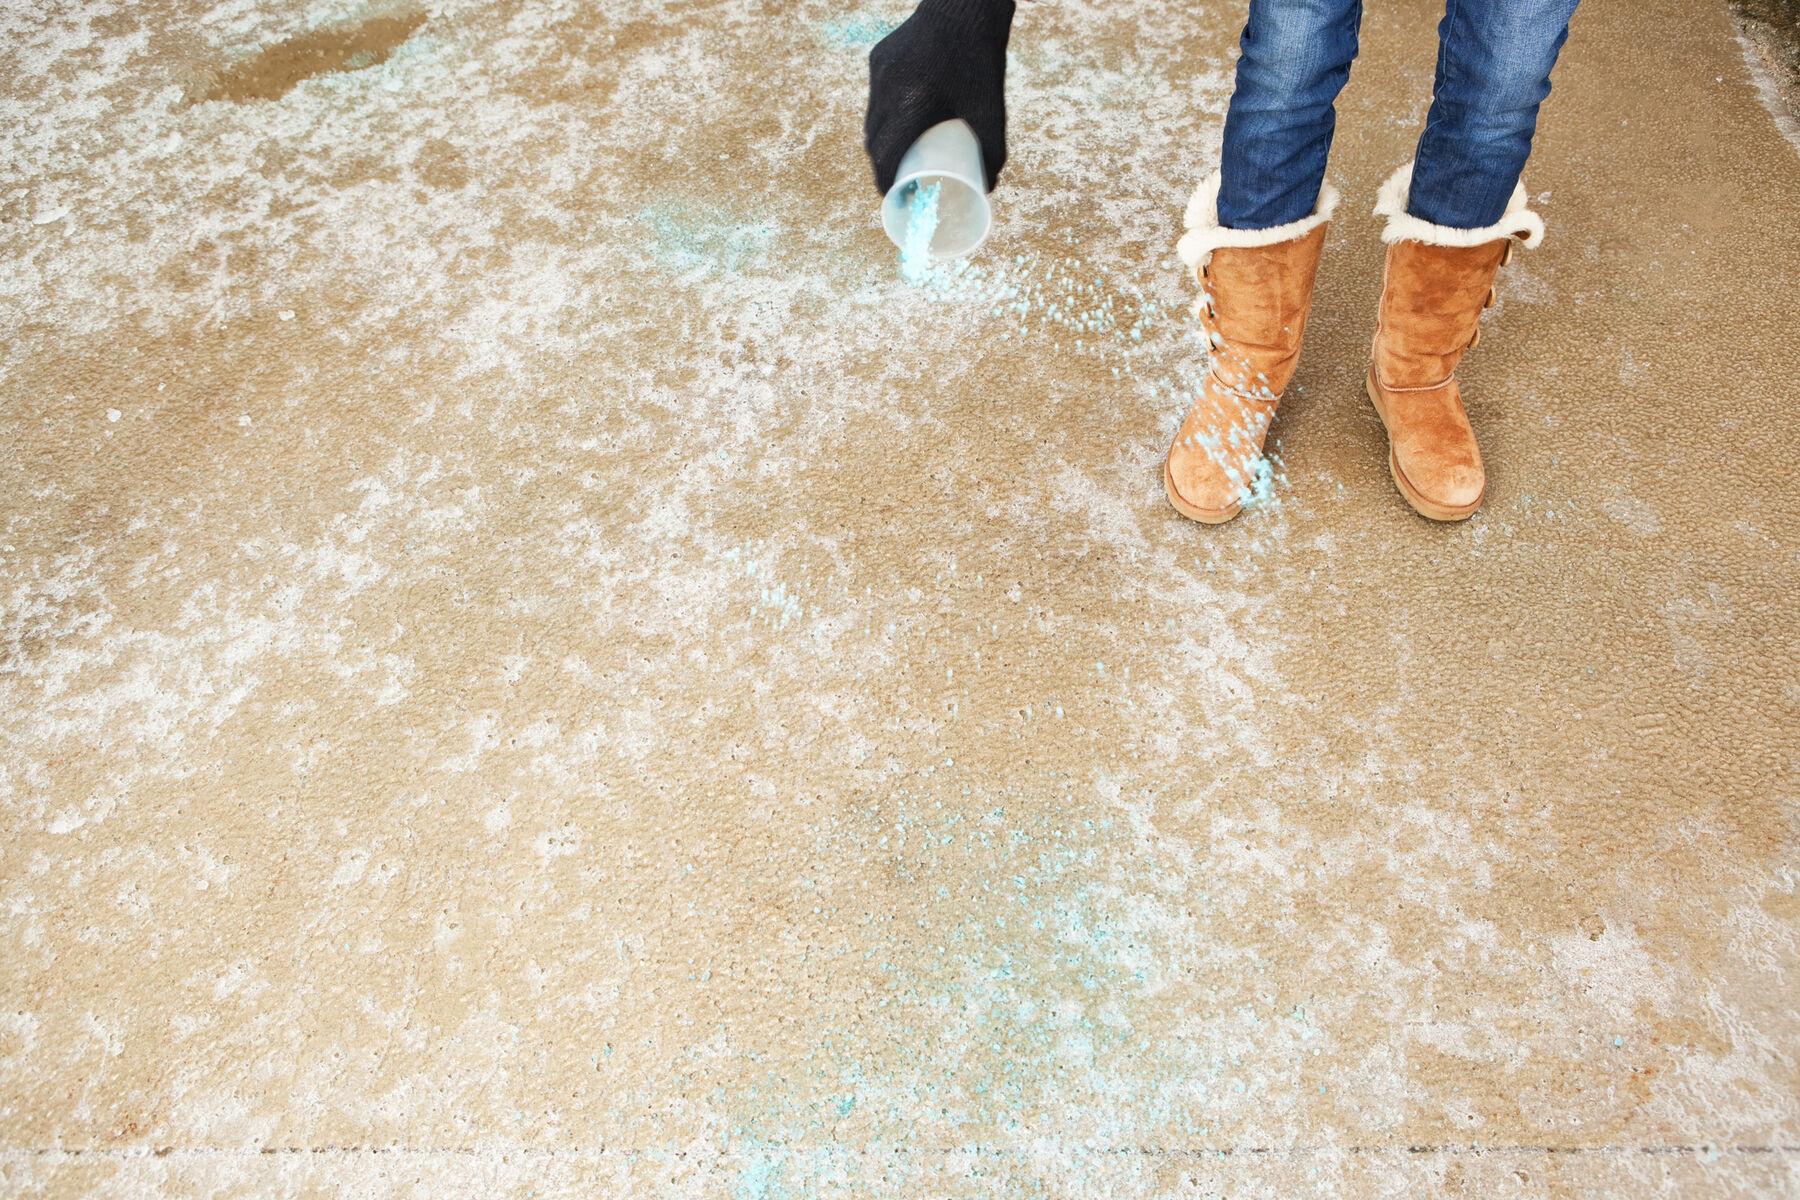 a woman is spreading blue rock salt on a frozen winter driveway